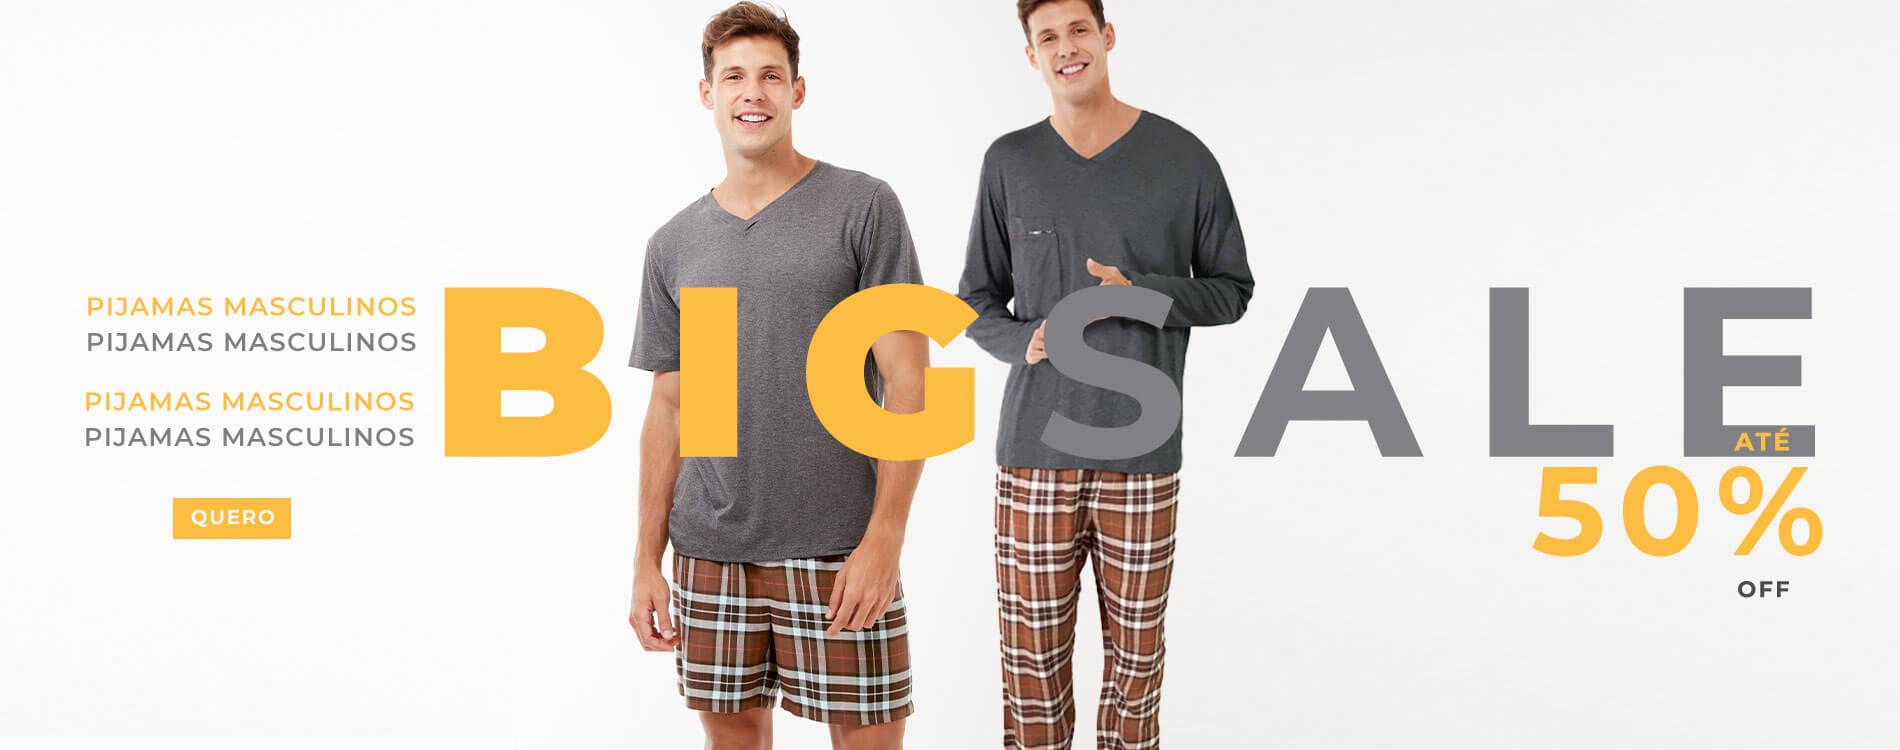 Big sale pijama masculino - trackEcommerce